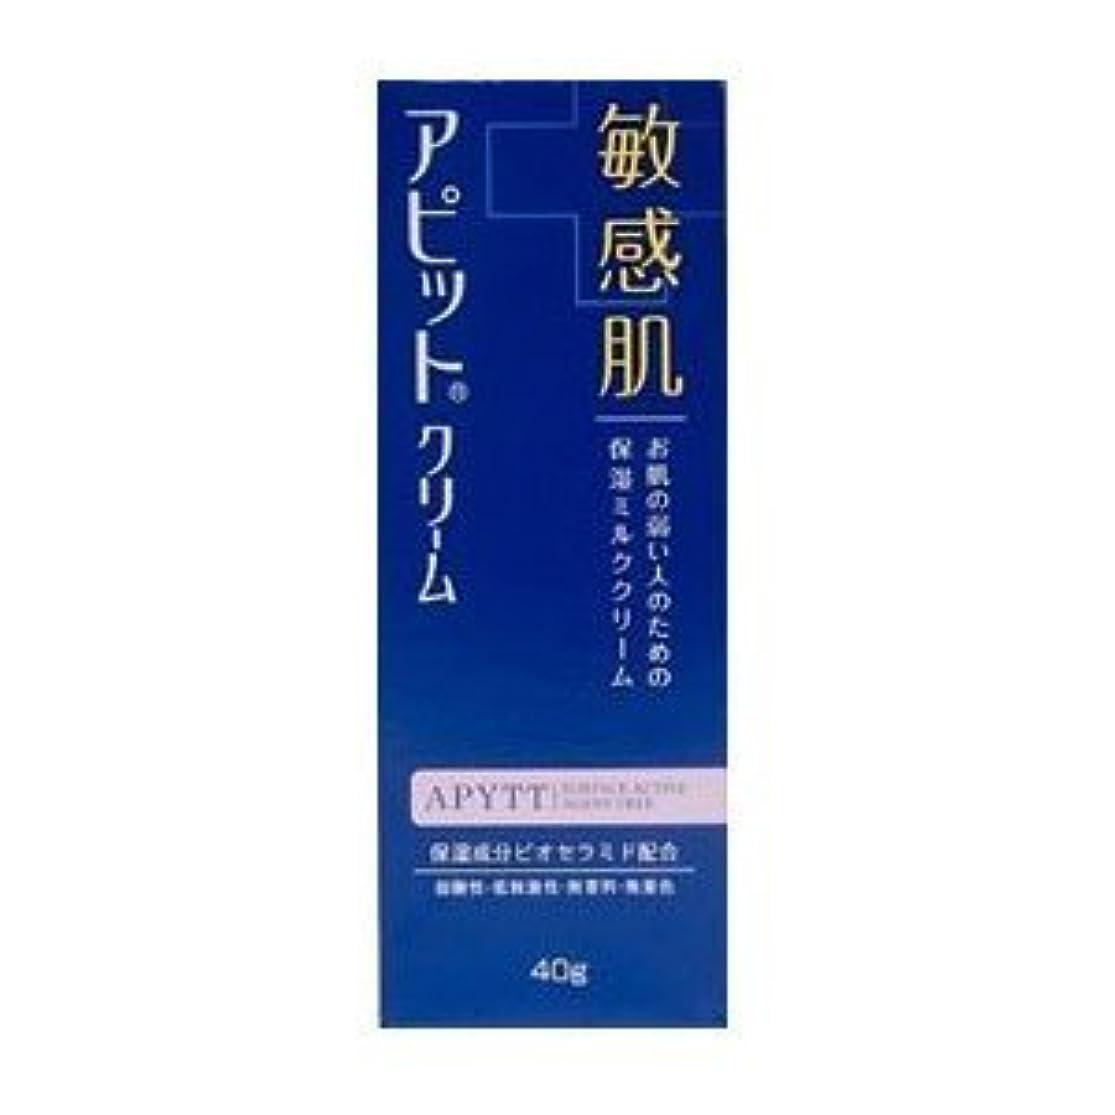 酸化する腐敗アウター全薬工業 アピットクリーム 40g×3個セット (医薬部外品)